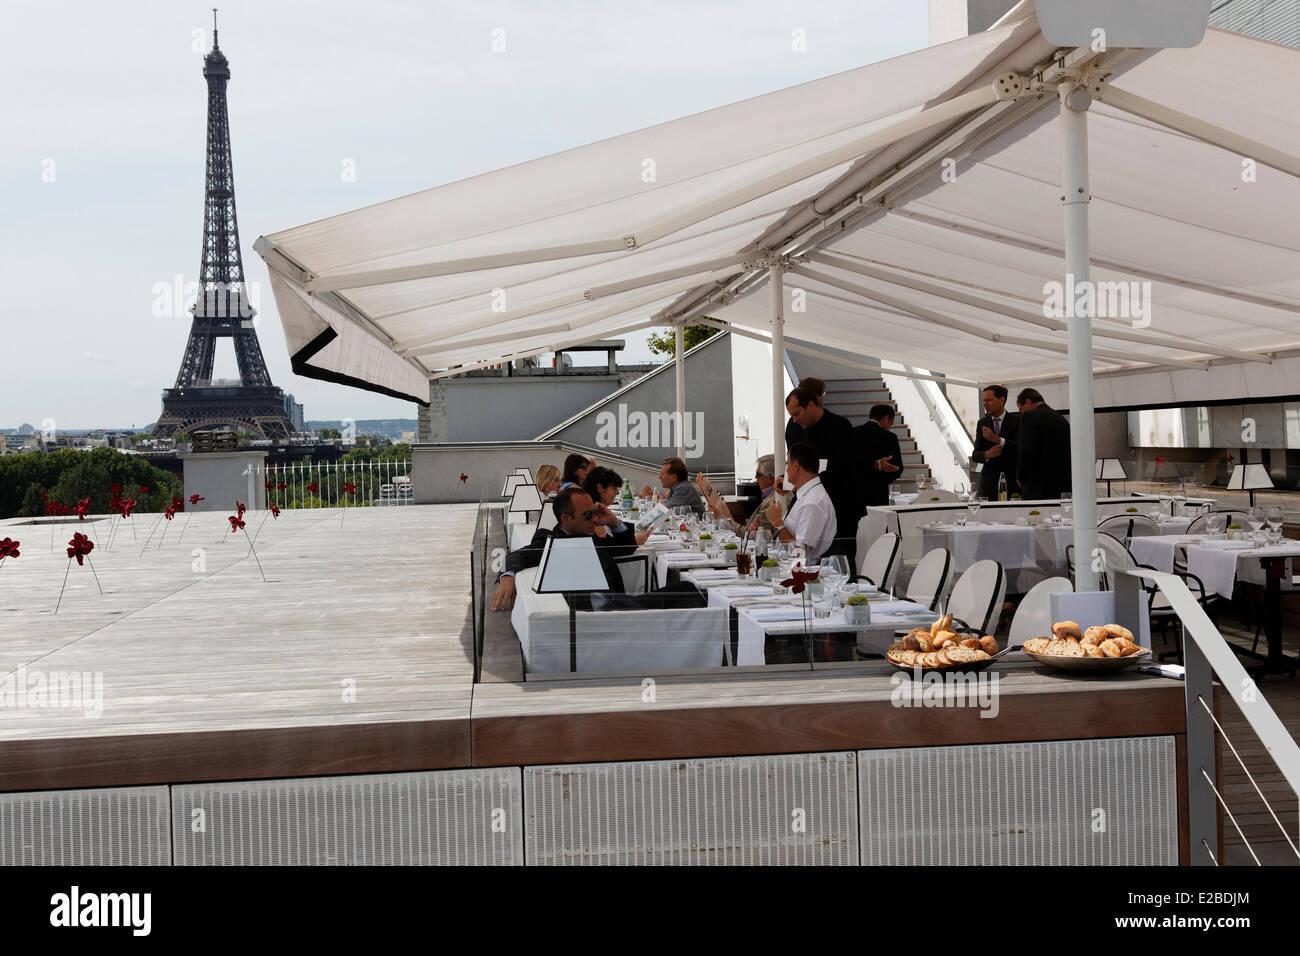 France paris lhôtel plaza athenee terrasse montaigne a la maison blanche